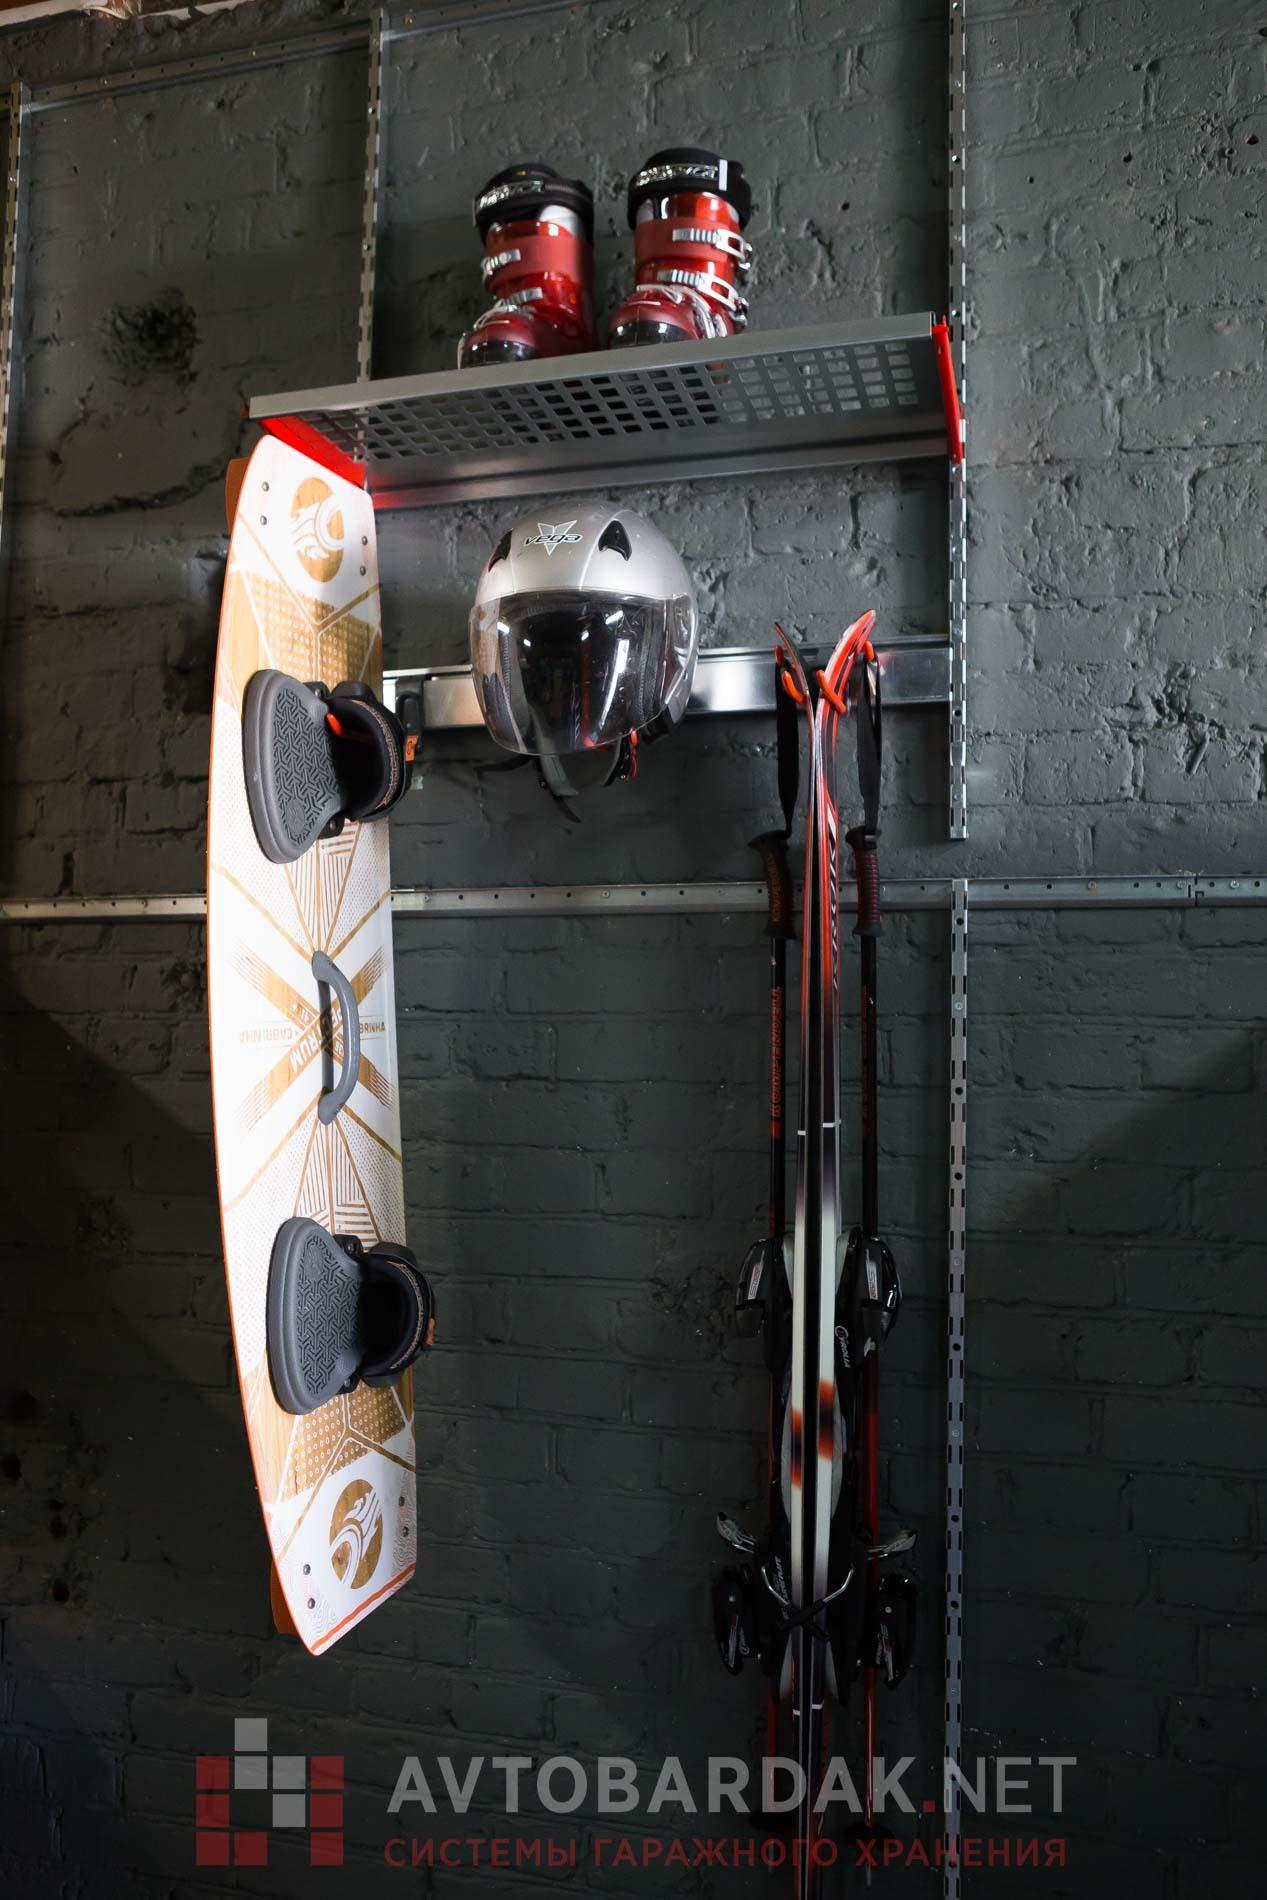 Модульная система хранения IF с полками и креплениями для спорт инвентаря